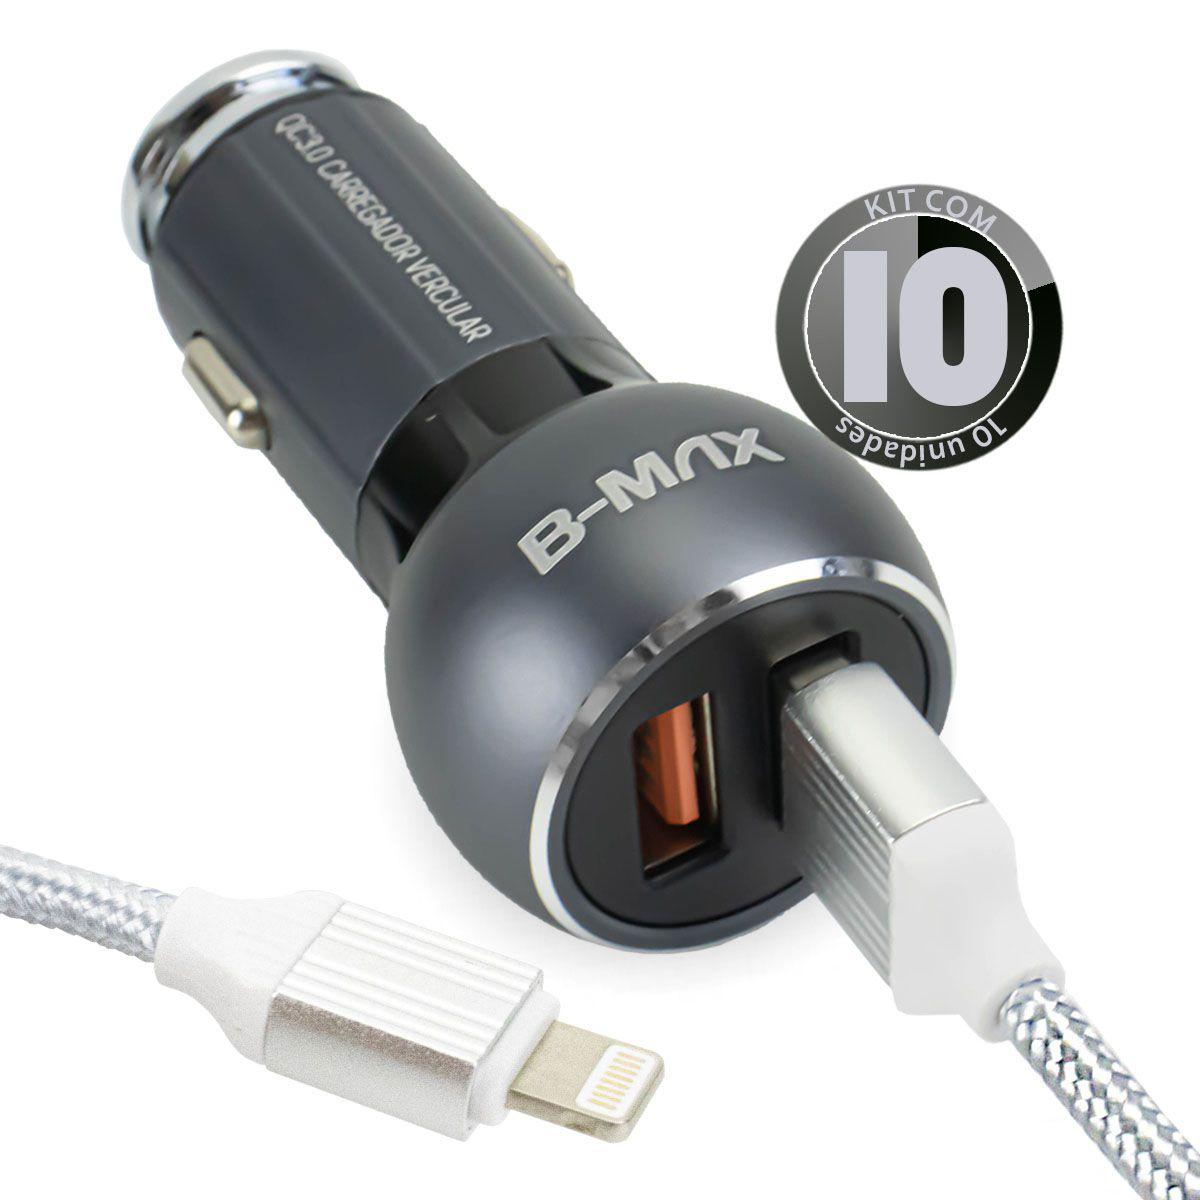 KIT 10x Carregador Veicular Turbo Quick Charge 3.0 36w para Celular Usb Tipo C B-Max BM8612